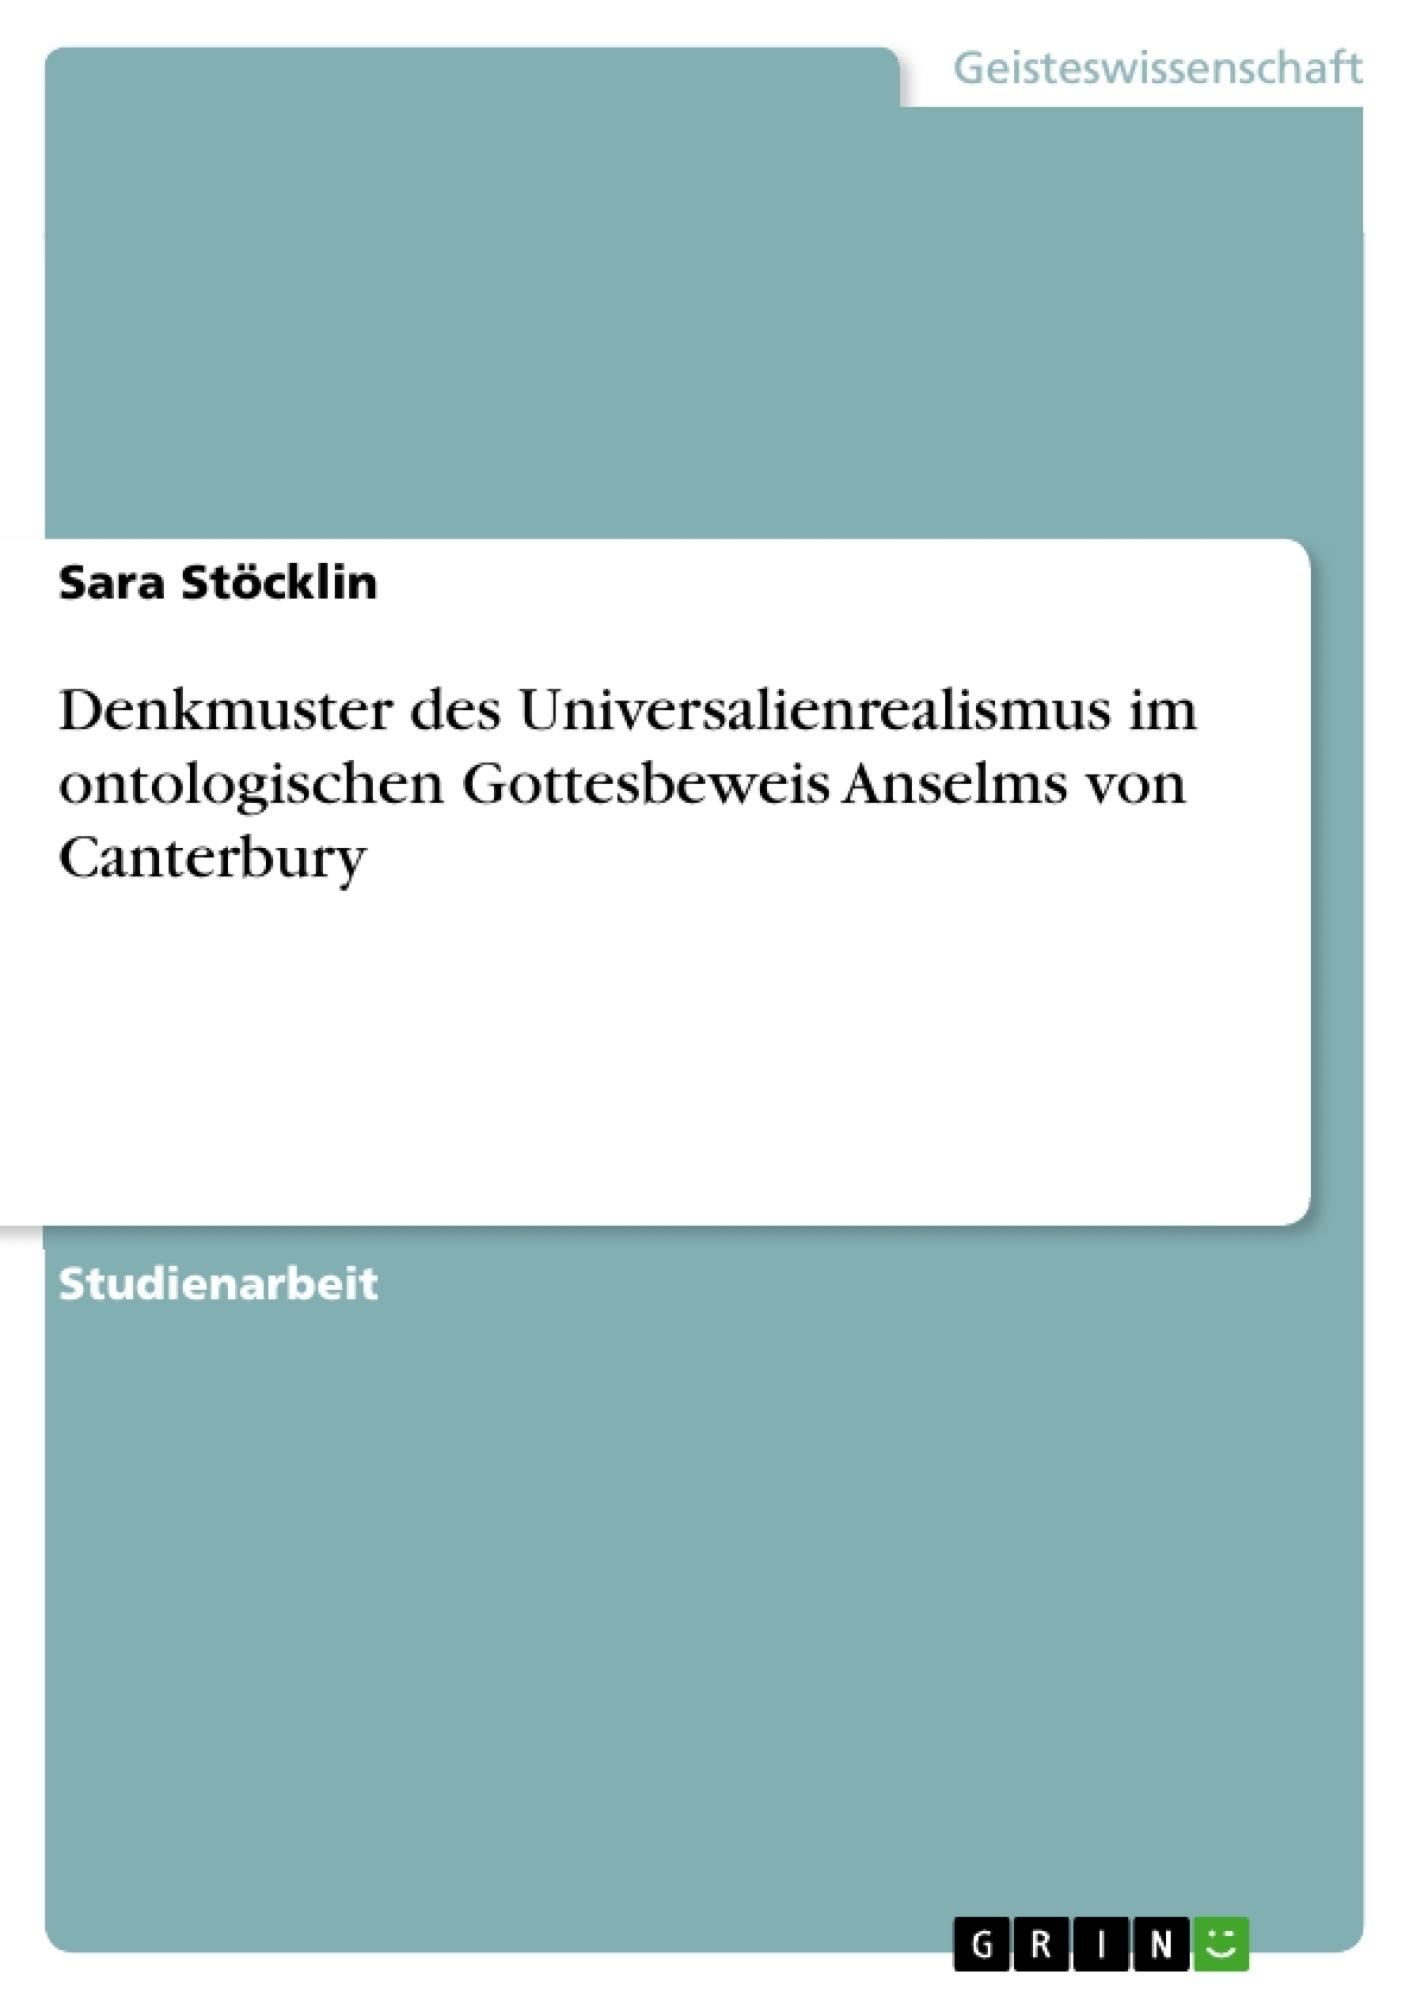 Titel: Denkmuster des Universalienrealismus im ontologischen Gottesbeweis Anselms von Canterbury